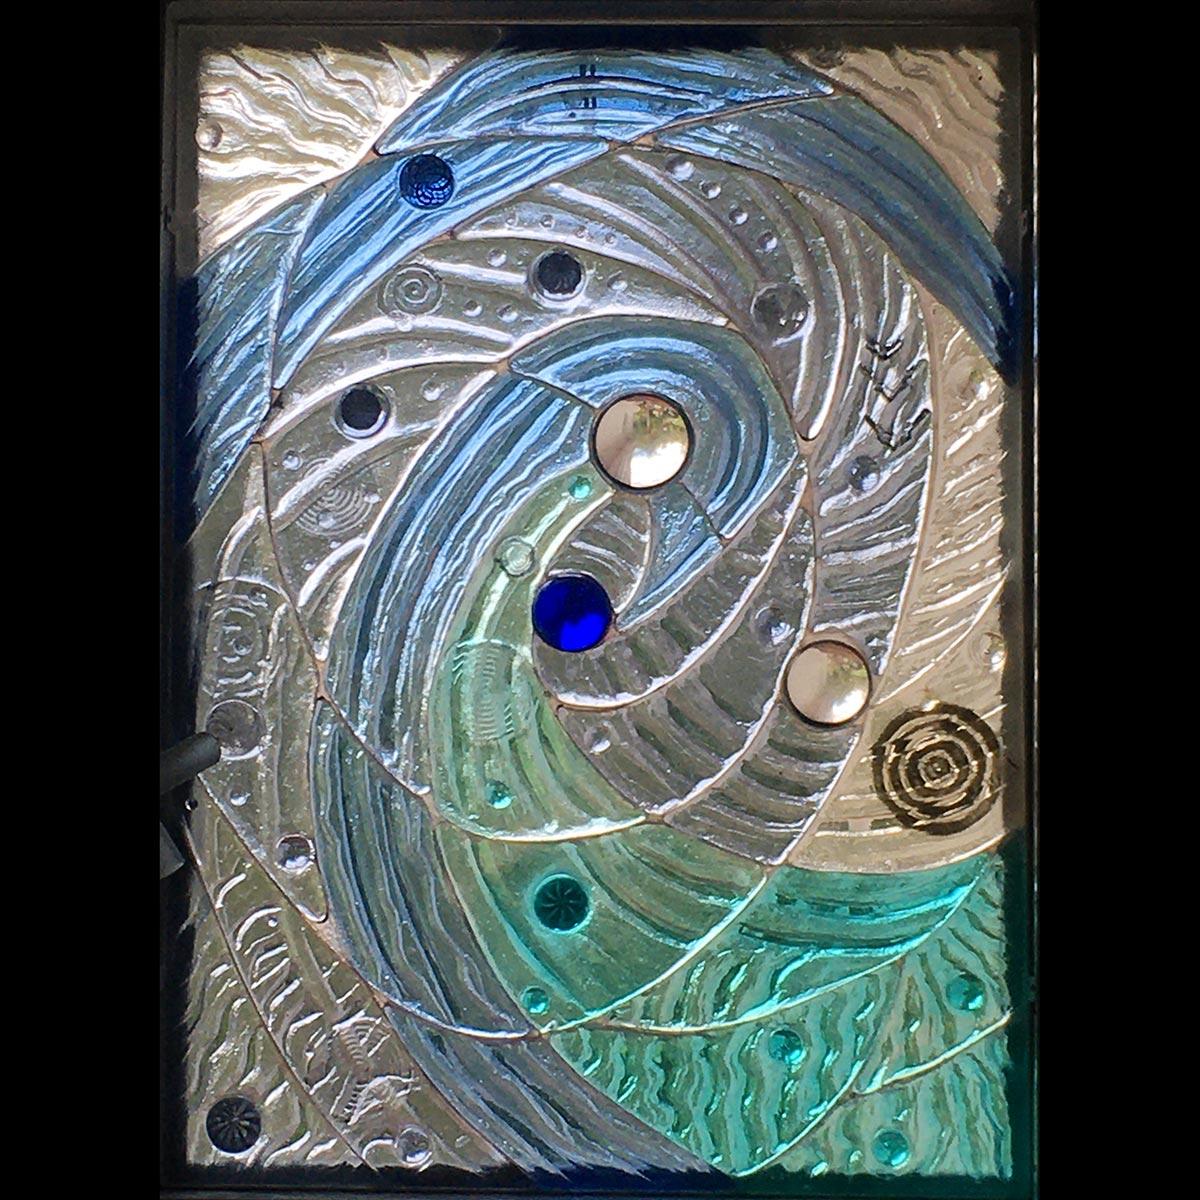 Cosmic Panel